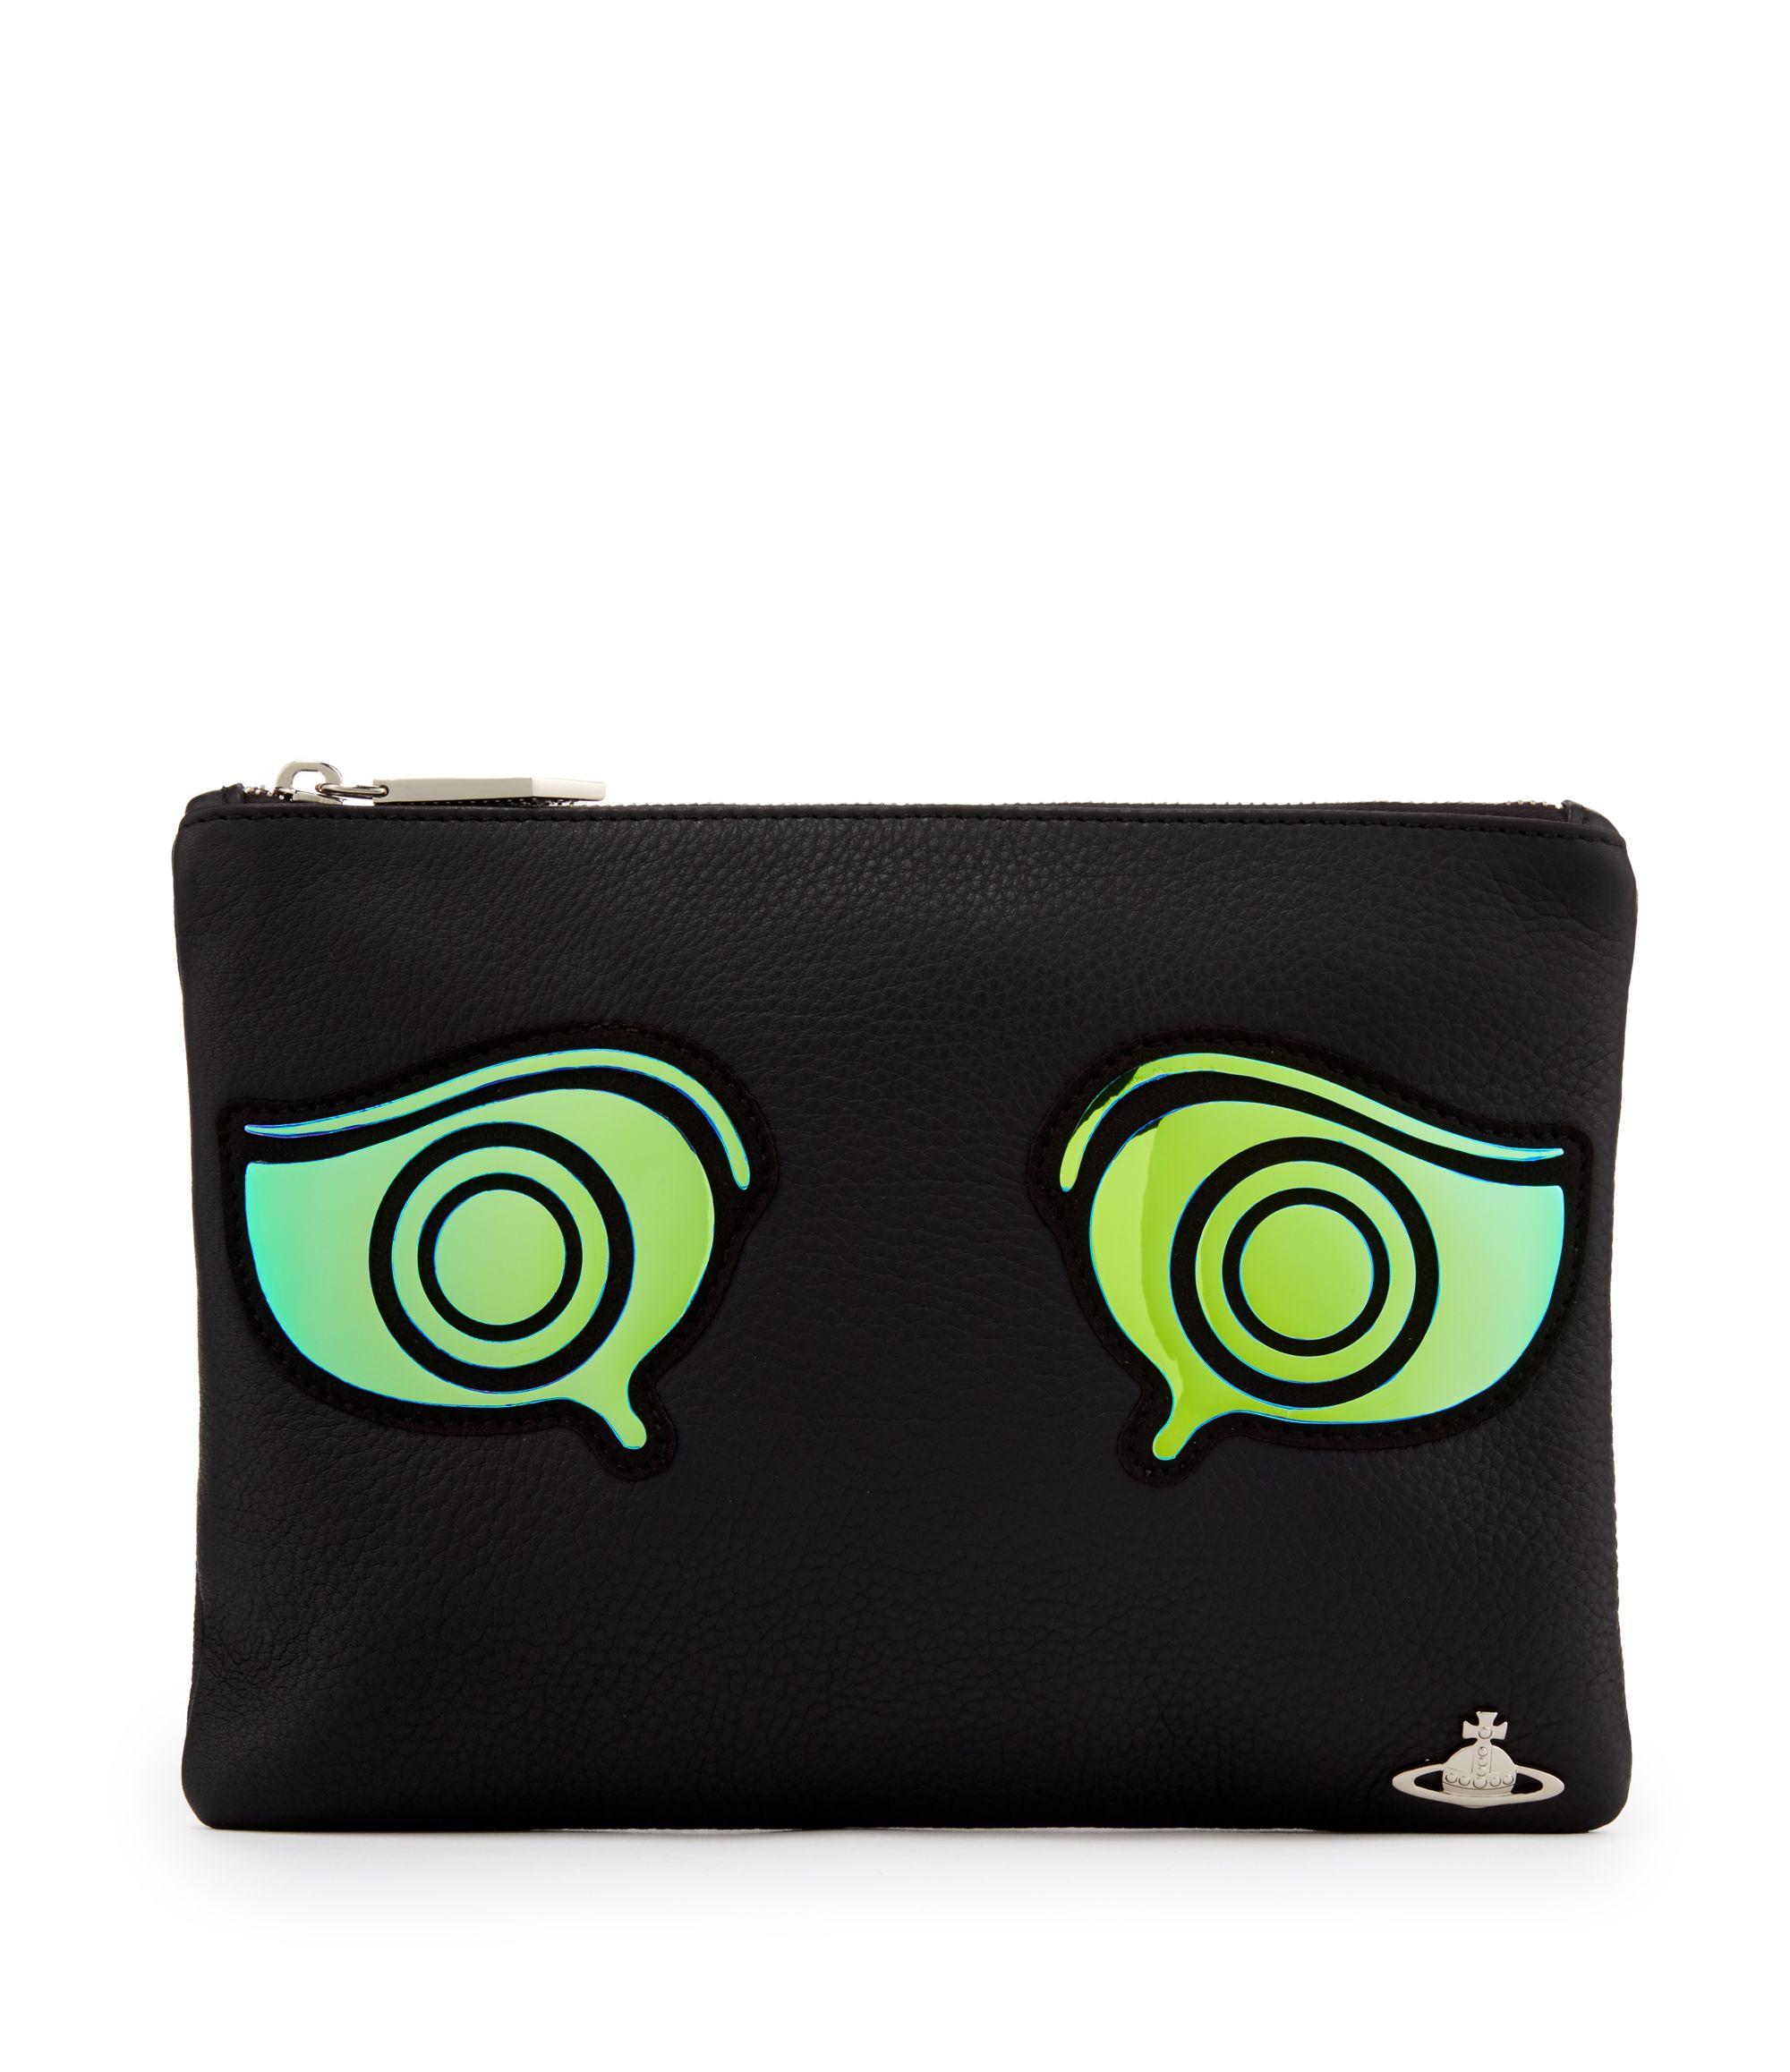 d6b98d9d79b VIVIENNE WESTWOOD Black New Greek Eye Bag 7219. #viviennewestwood #bags  #leather #